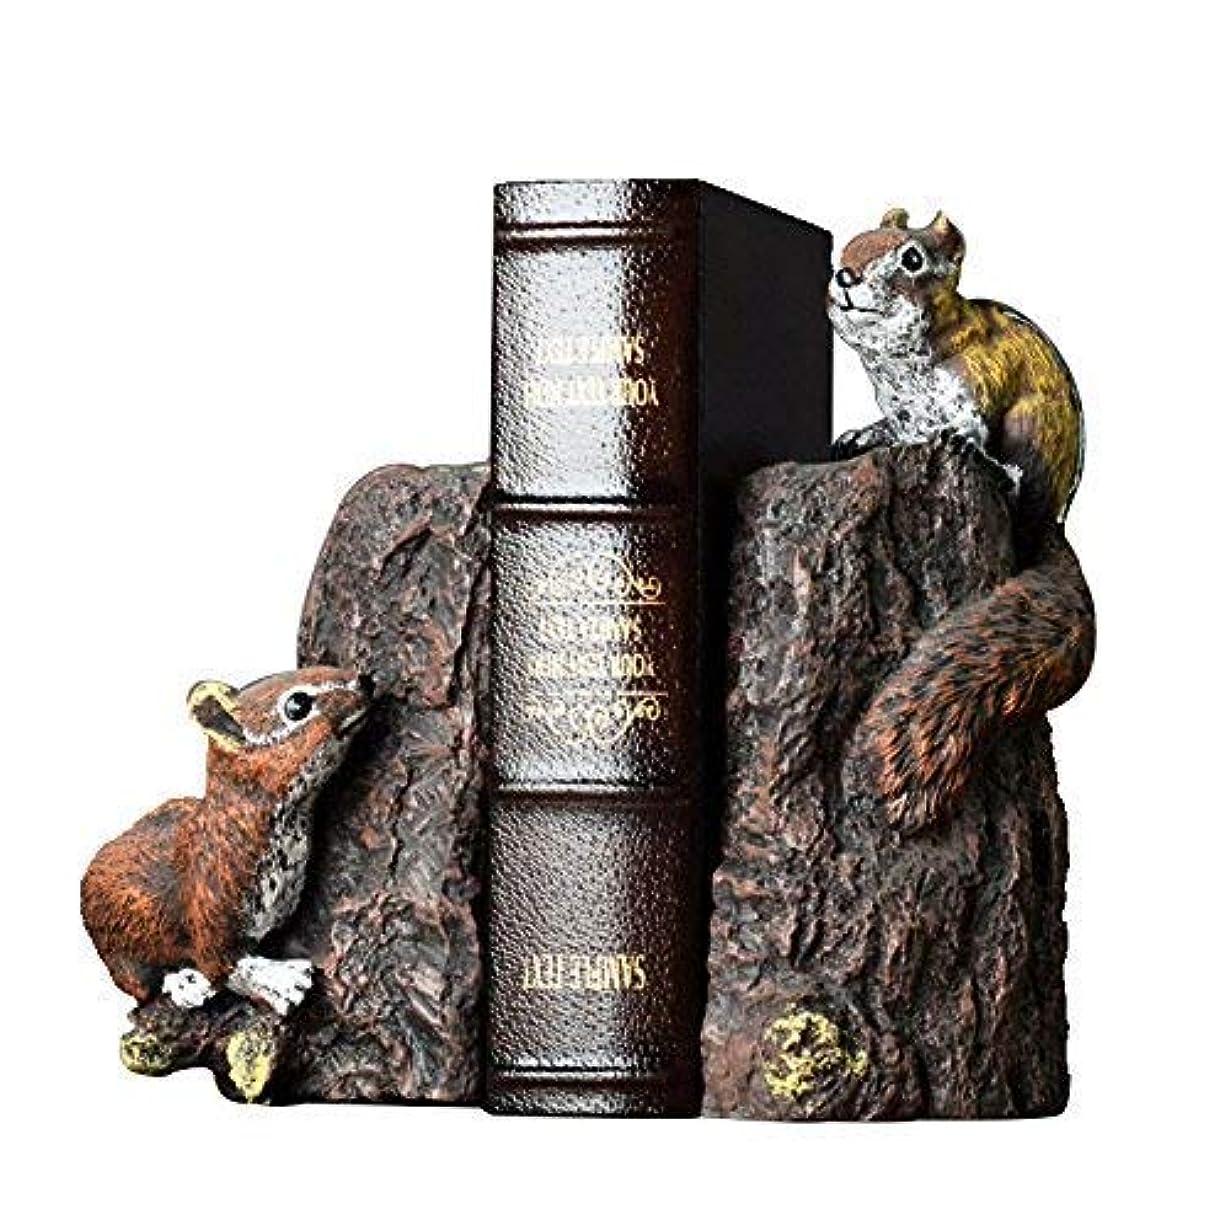 つぶす埋め込む創始者ZGQA-GQA アメリカンホームスタディクラフトデコレーションからかわいい動物のブックエンドオフィス装飾本棚本棚装飾ブックリスのブックエンド